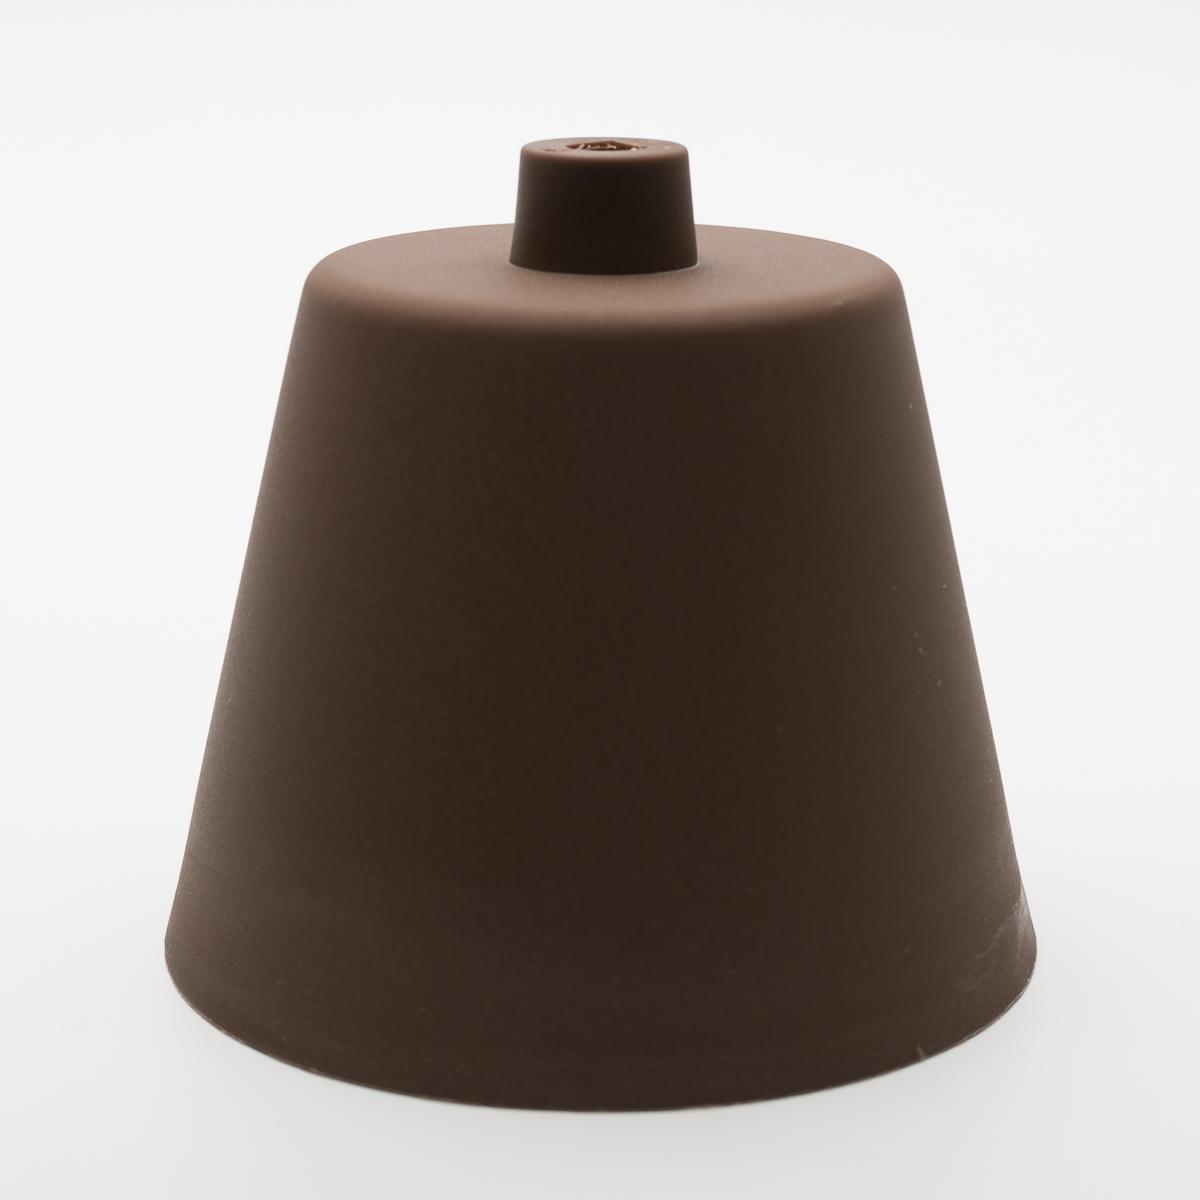 Потолочный крепеж пластиковый коричневый